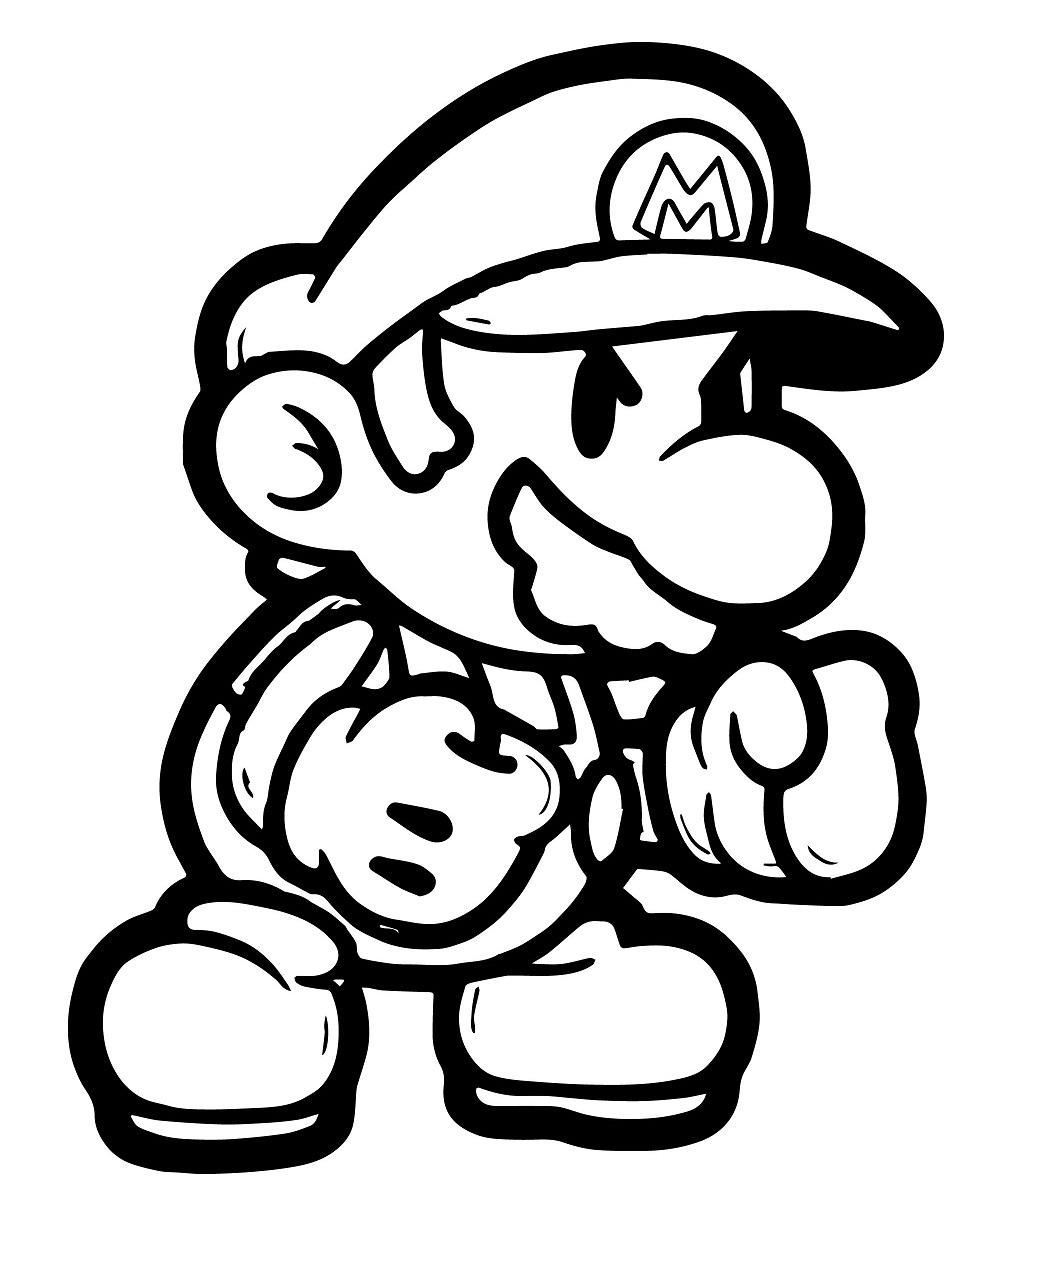 Mario Kick Boxing